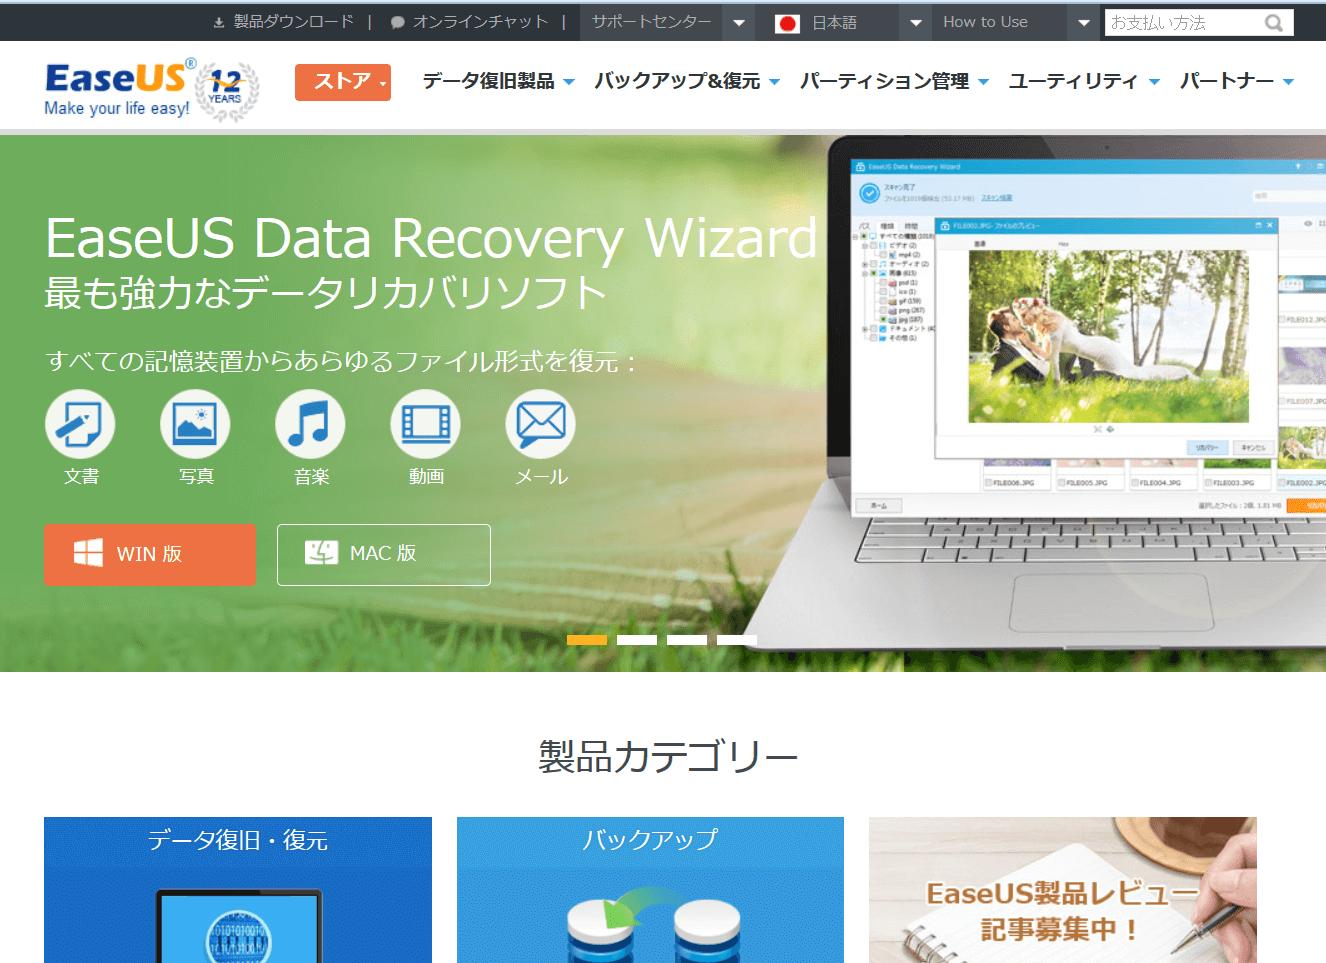 EaseUS Softwareトップページ